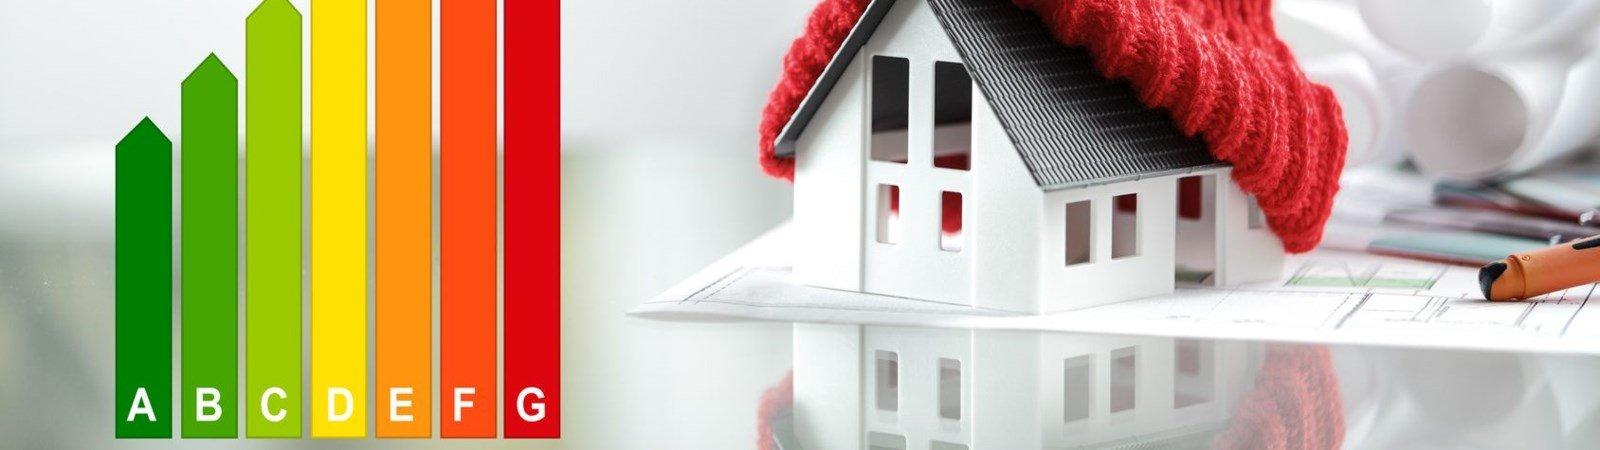 Energieeffizienzklassen A+ bis H für Gebäude